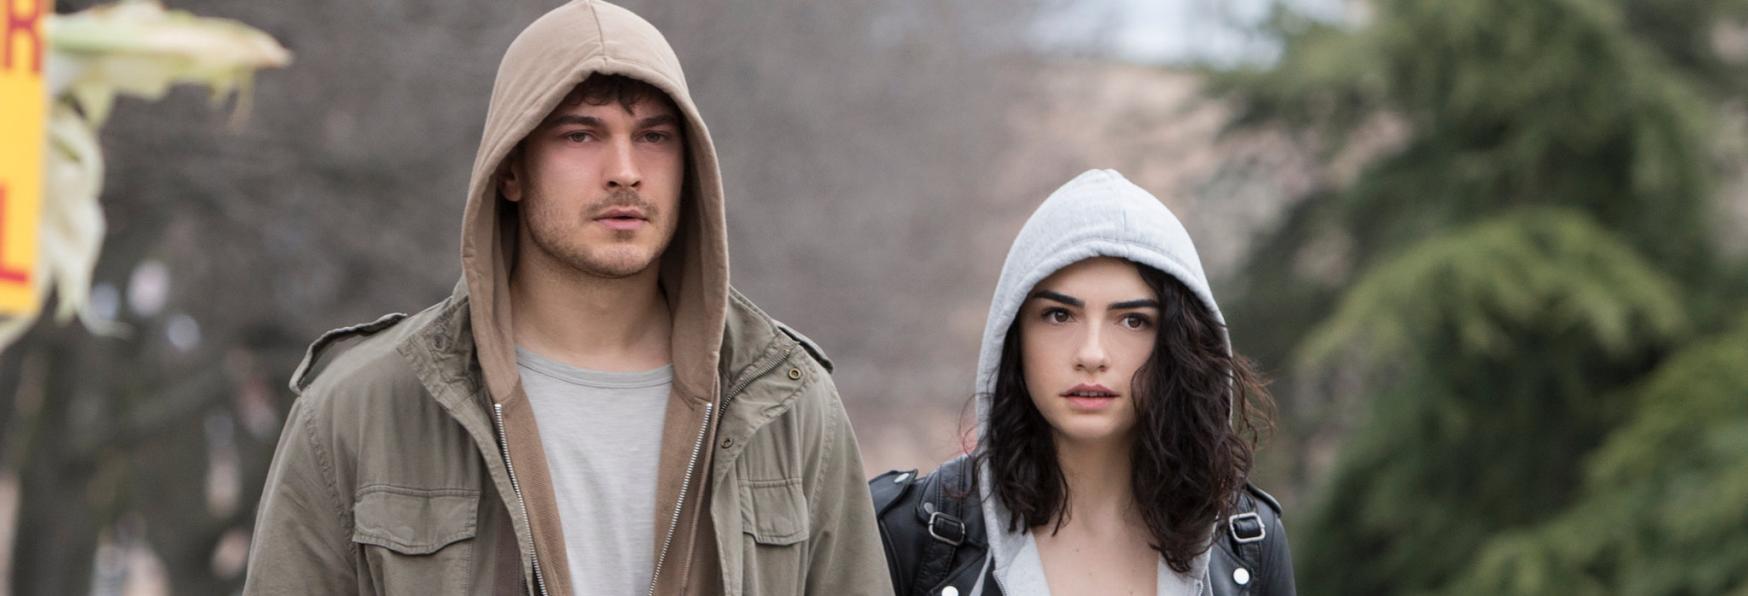 The Protector 4: Trama, Cast, Data e altre Informazioni sulla nuova Stagione della Serie TV Netflix